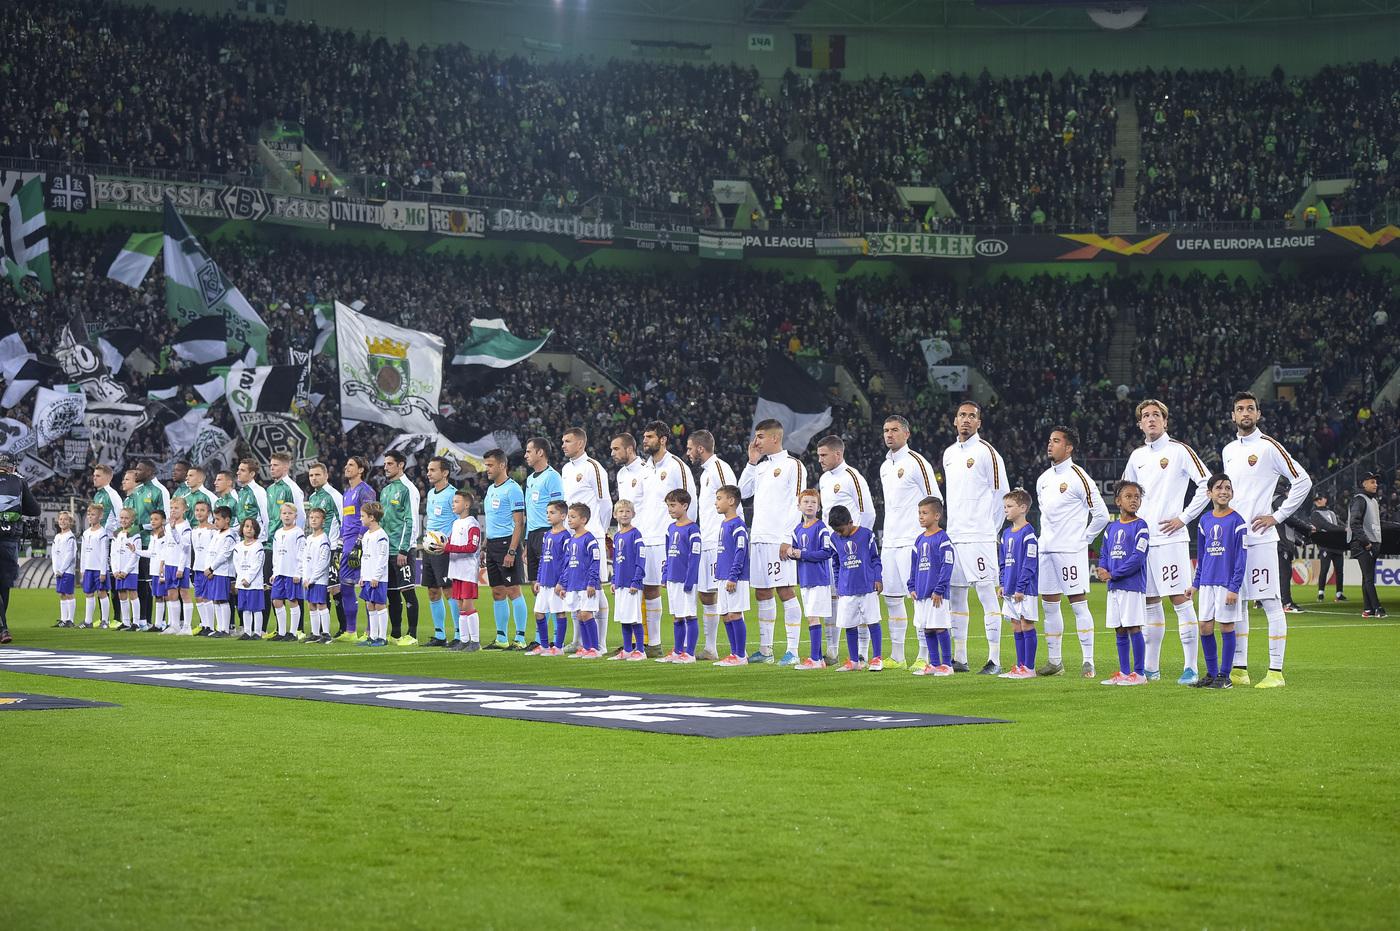 Foto Fabio Rossi/AS Roma/LaPresse